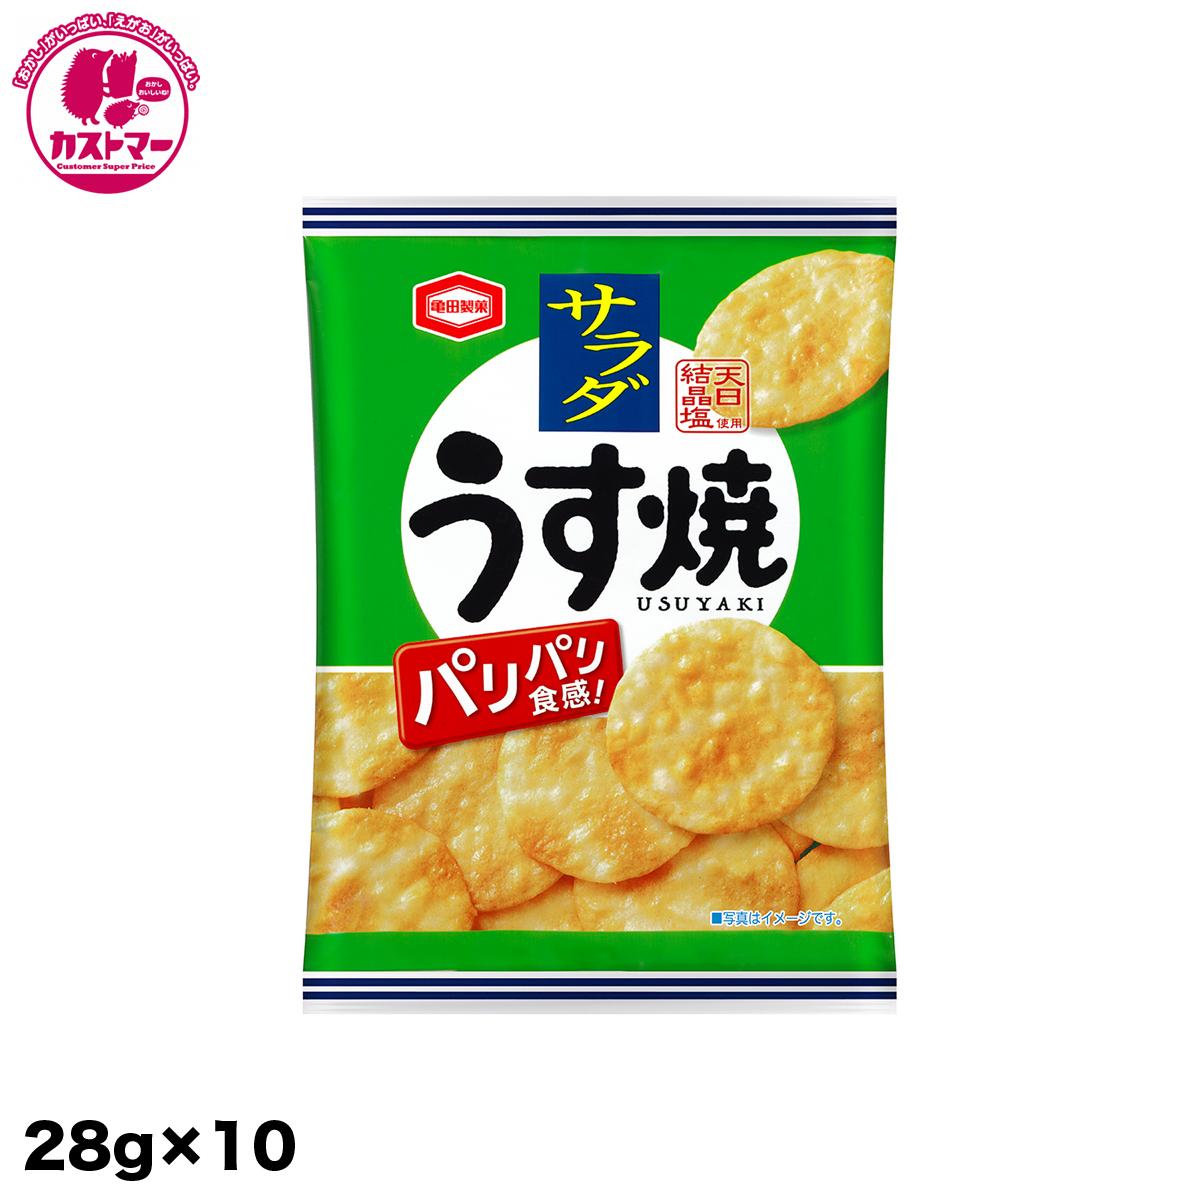 2020 サラダうす焼 28g×10 亀田製菓 おかし セール お菓子 イベント 景品 おやつ こども会 駄菓子